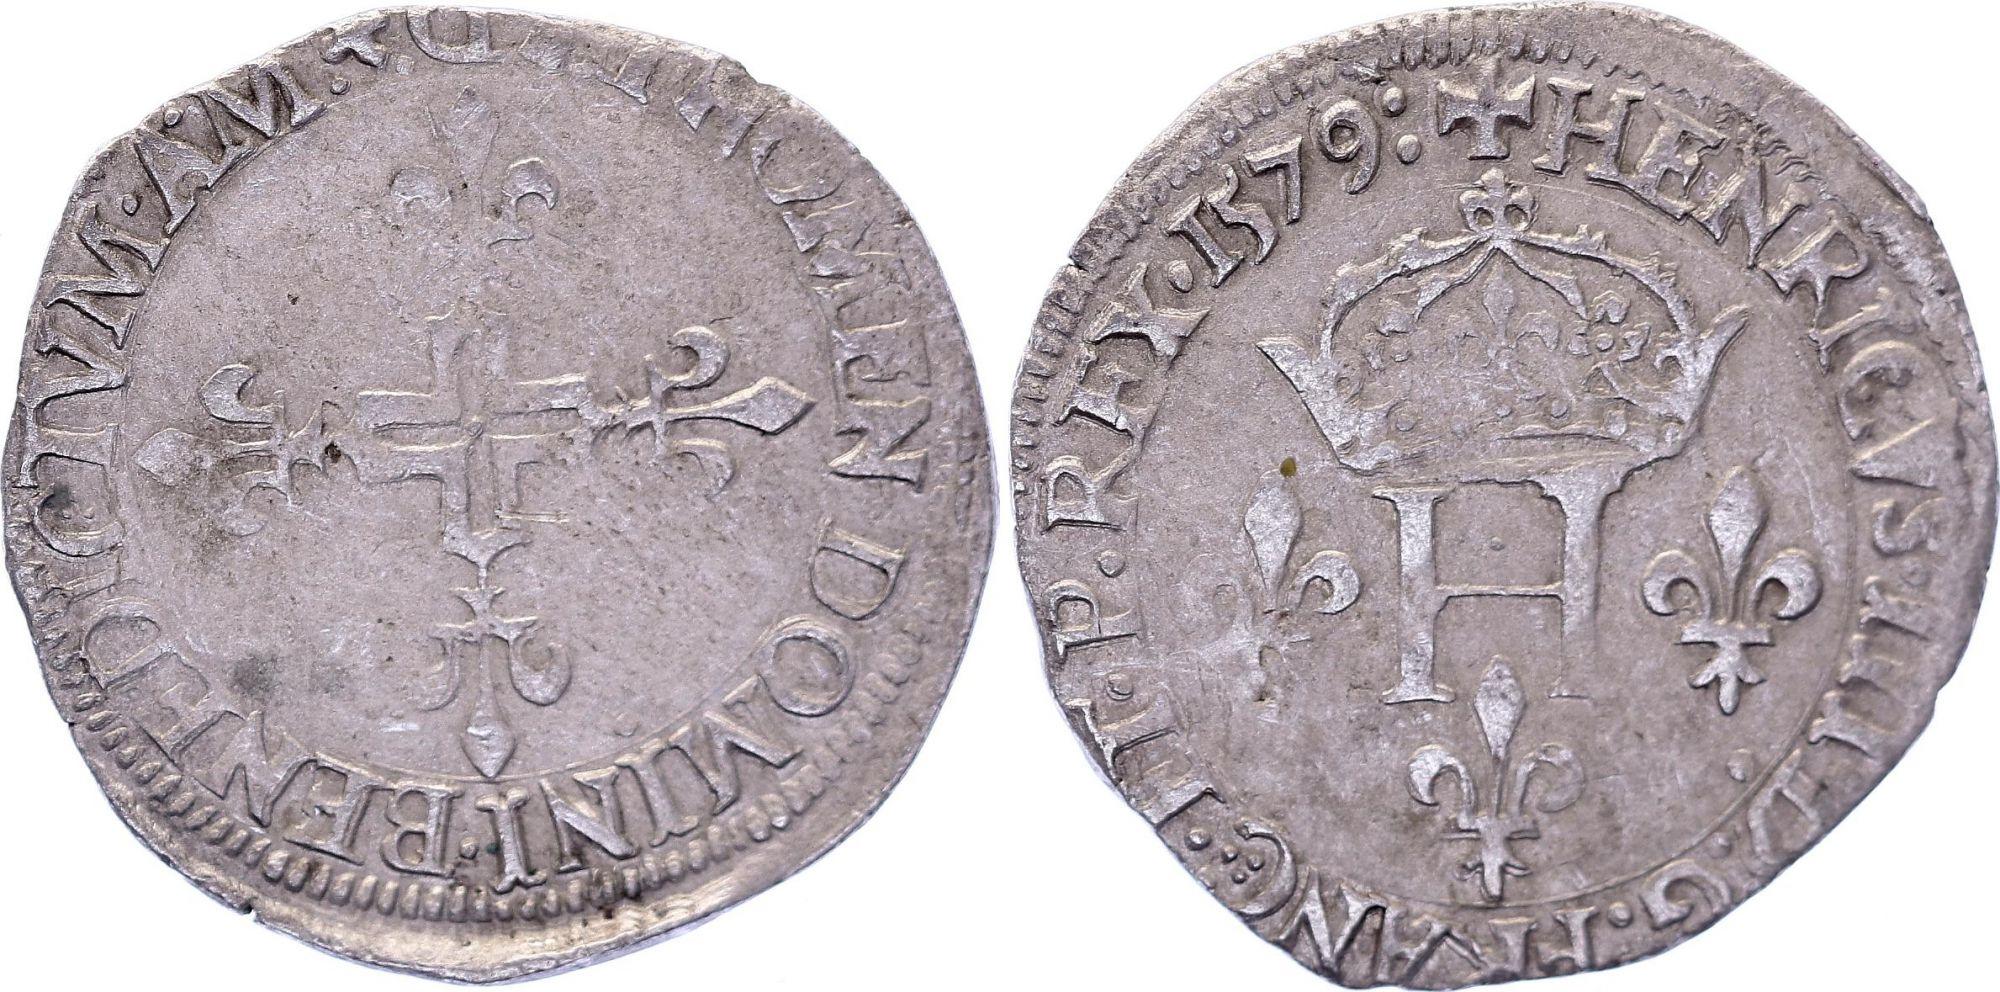 France Double sol parisis - Argent - 1579 D Lyon